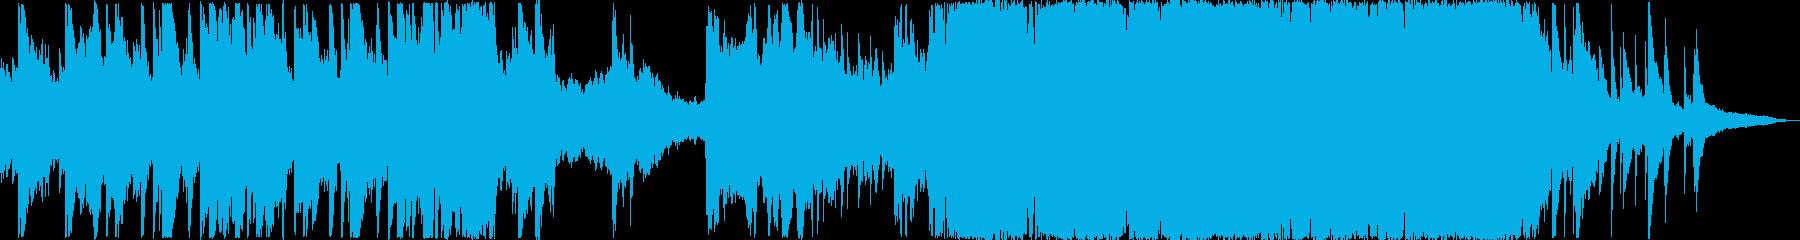 ワーグナー・ウエディングマーチ短編映像風の再生済みの波形